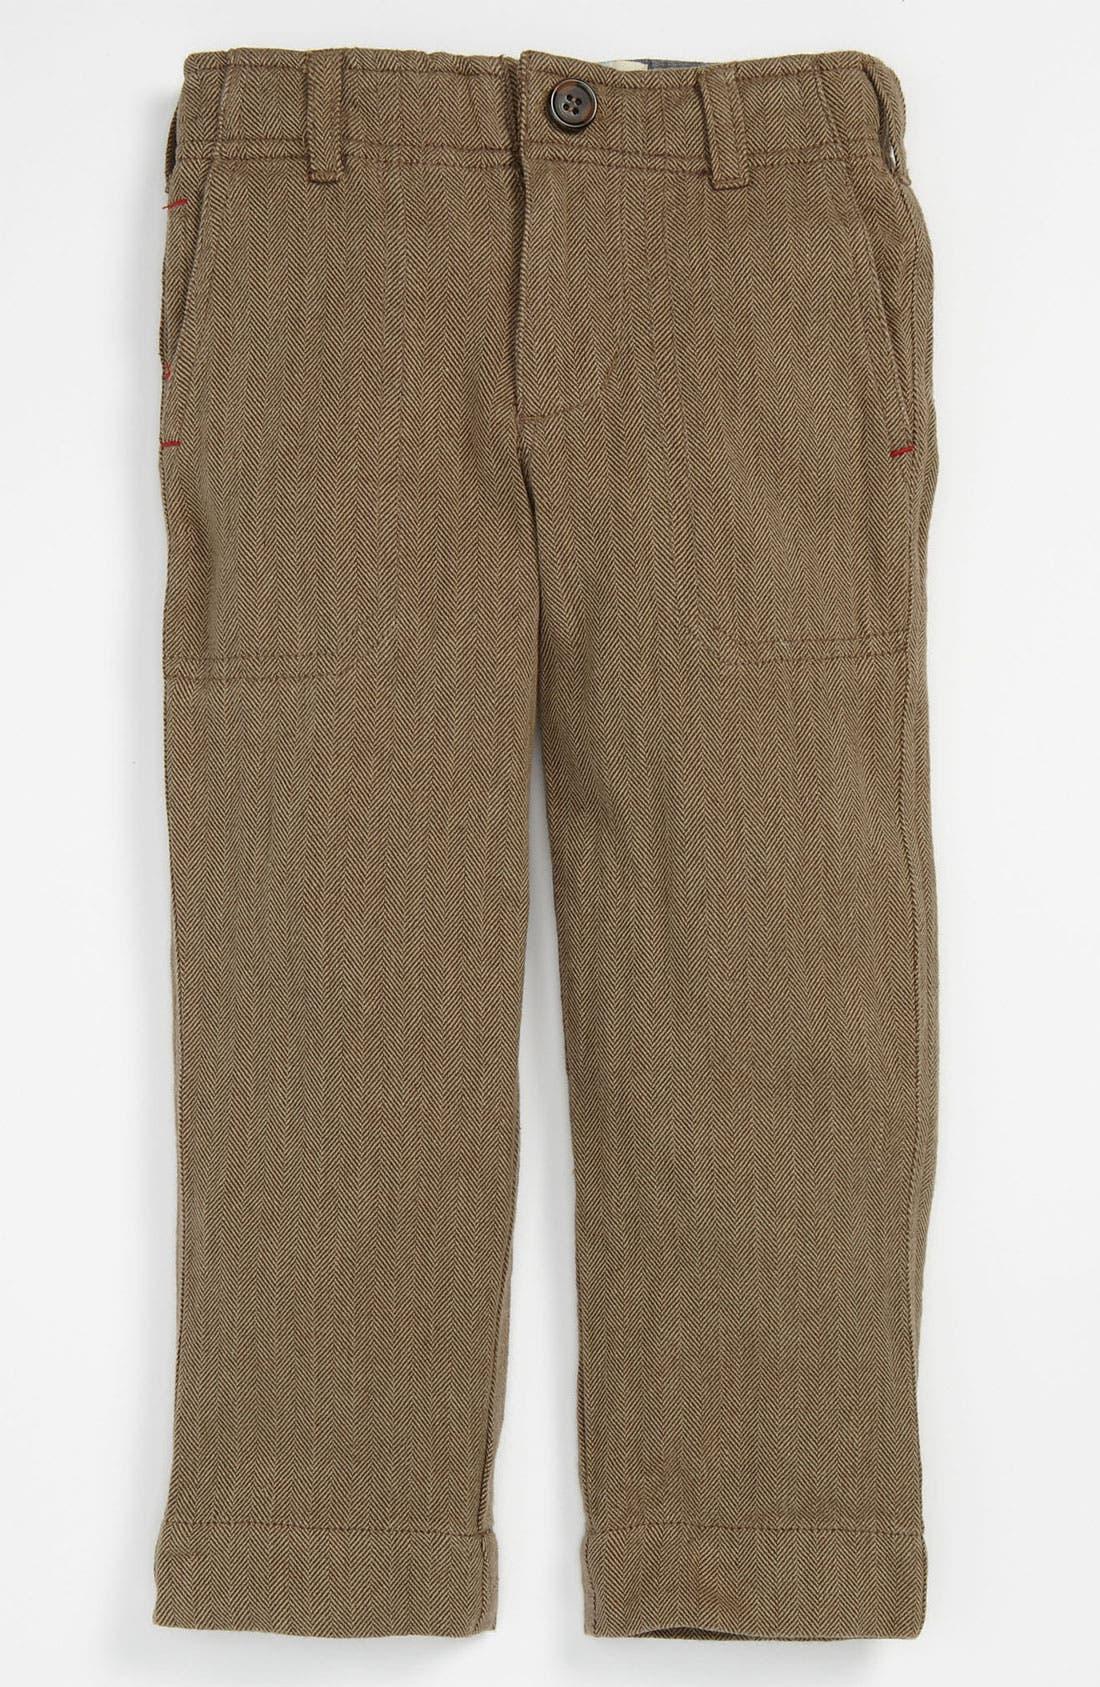 Alternate Image 1 Selected - Peek 'Homestead' Herringbone Pants (Toddler, Little Boys & Big Boys)